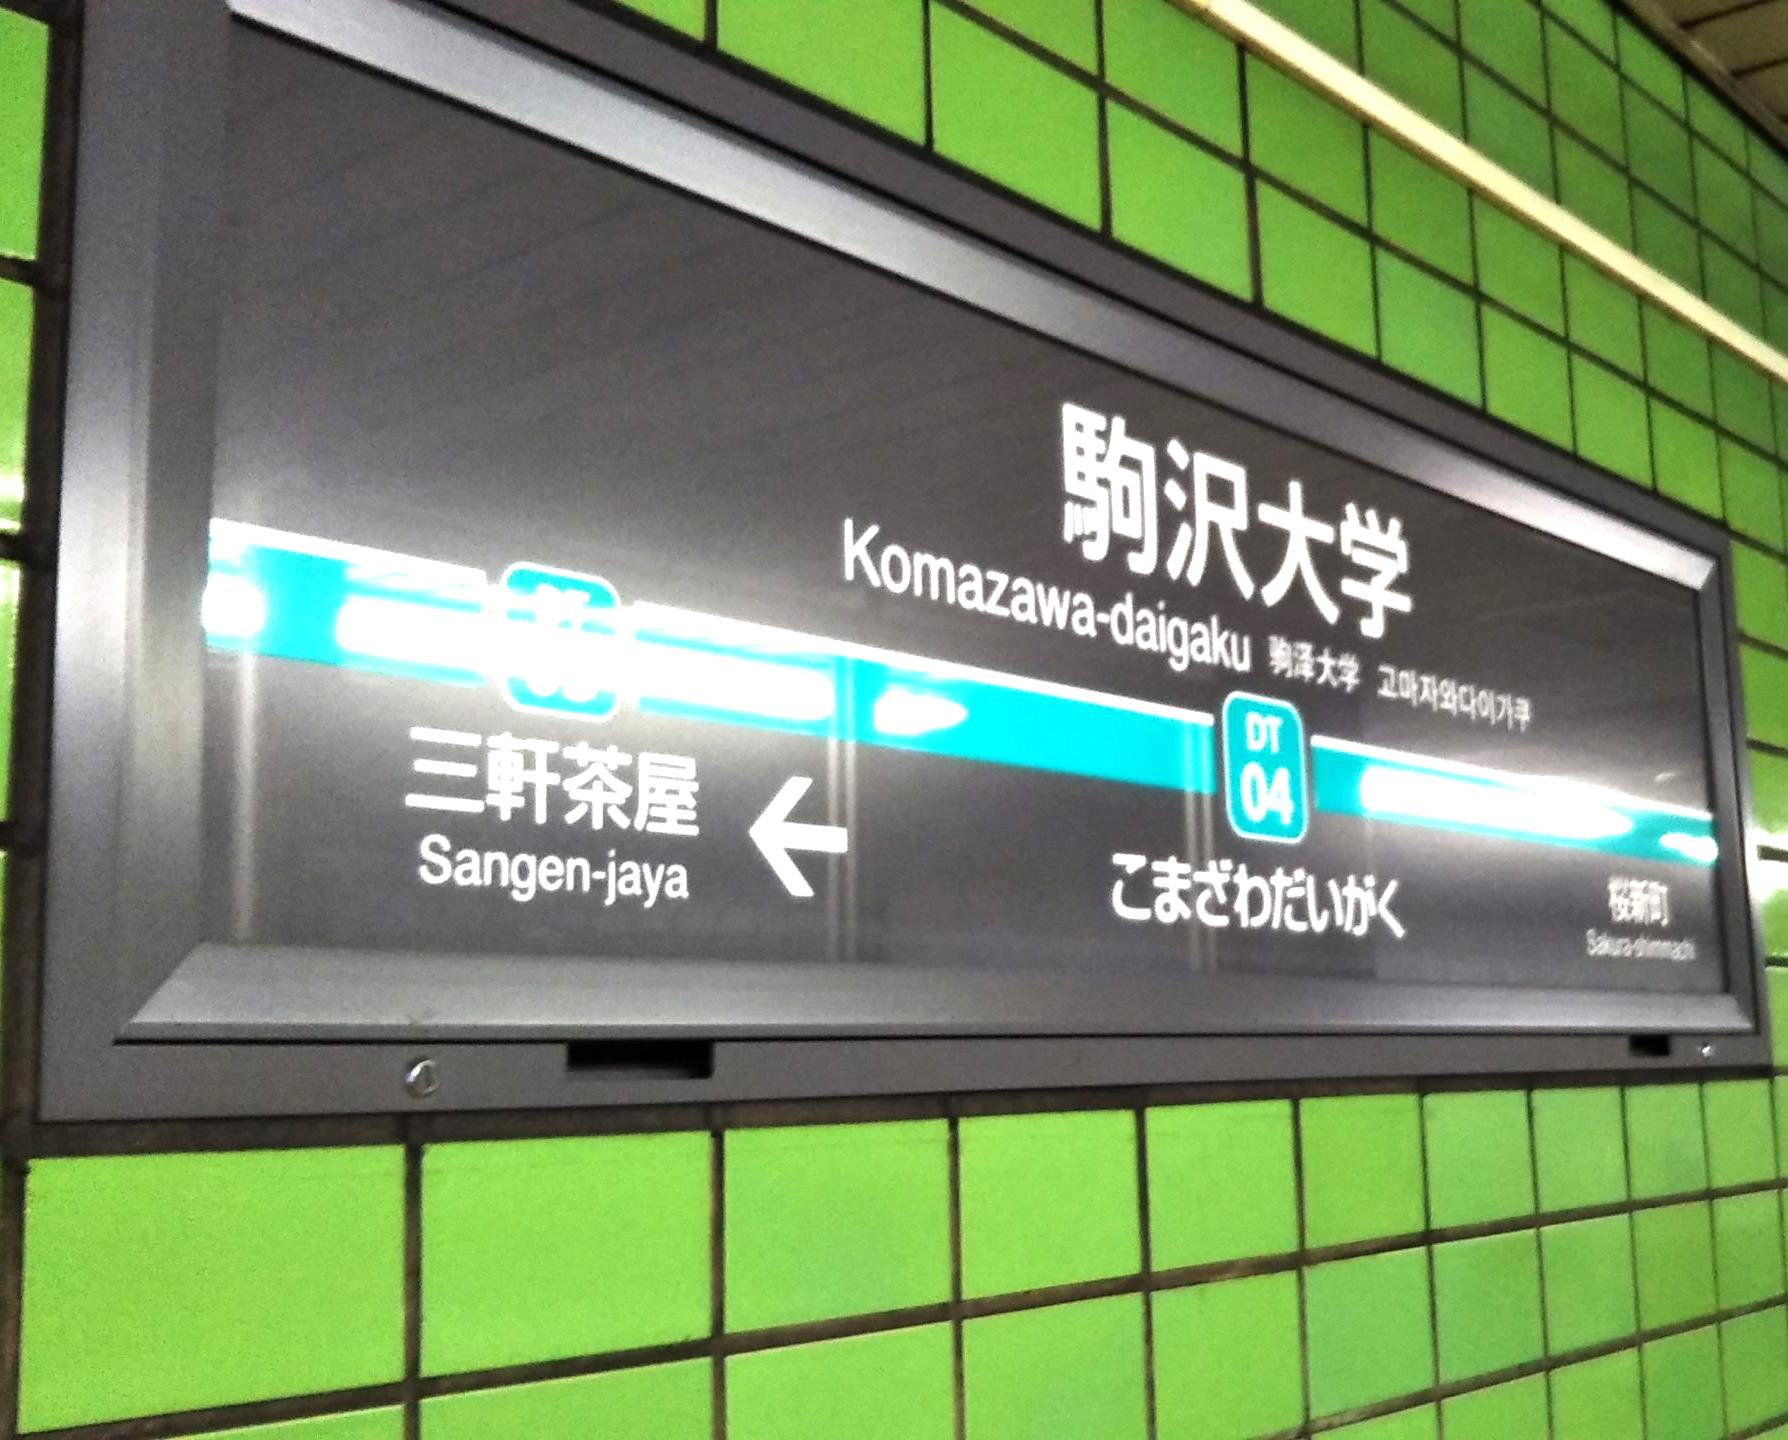 1. 東急田園都市線「駒沢大学駅」下車後、正面改札へ